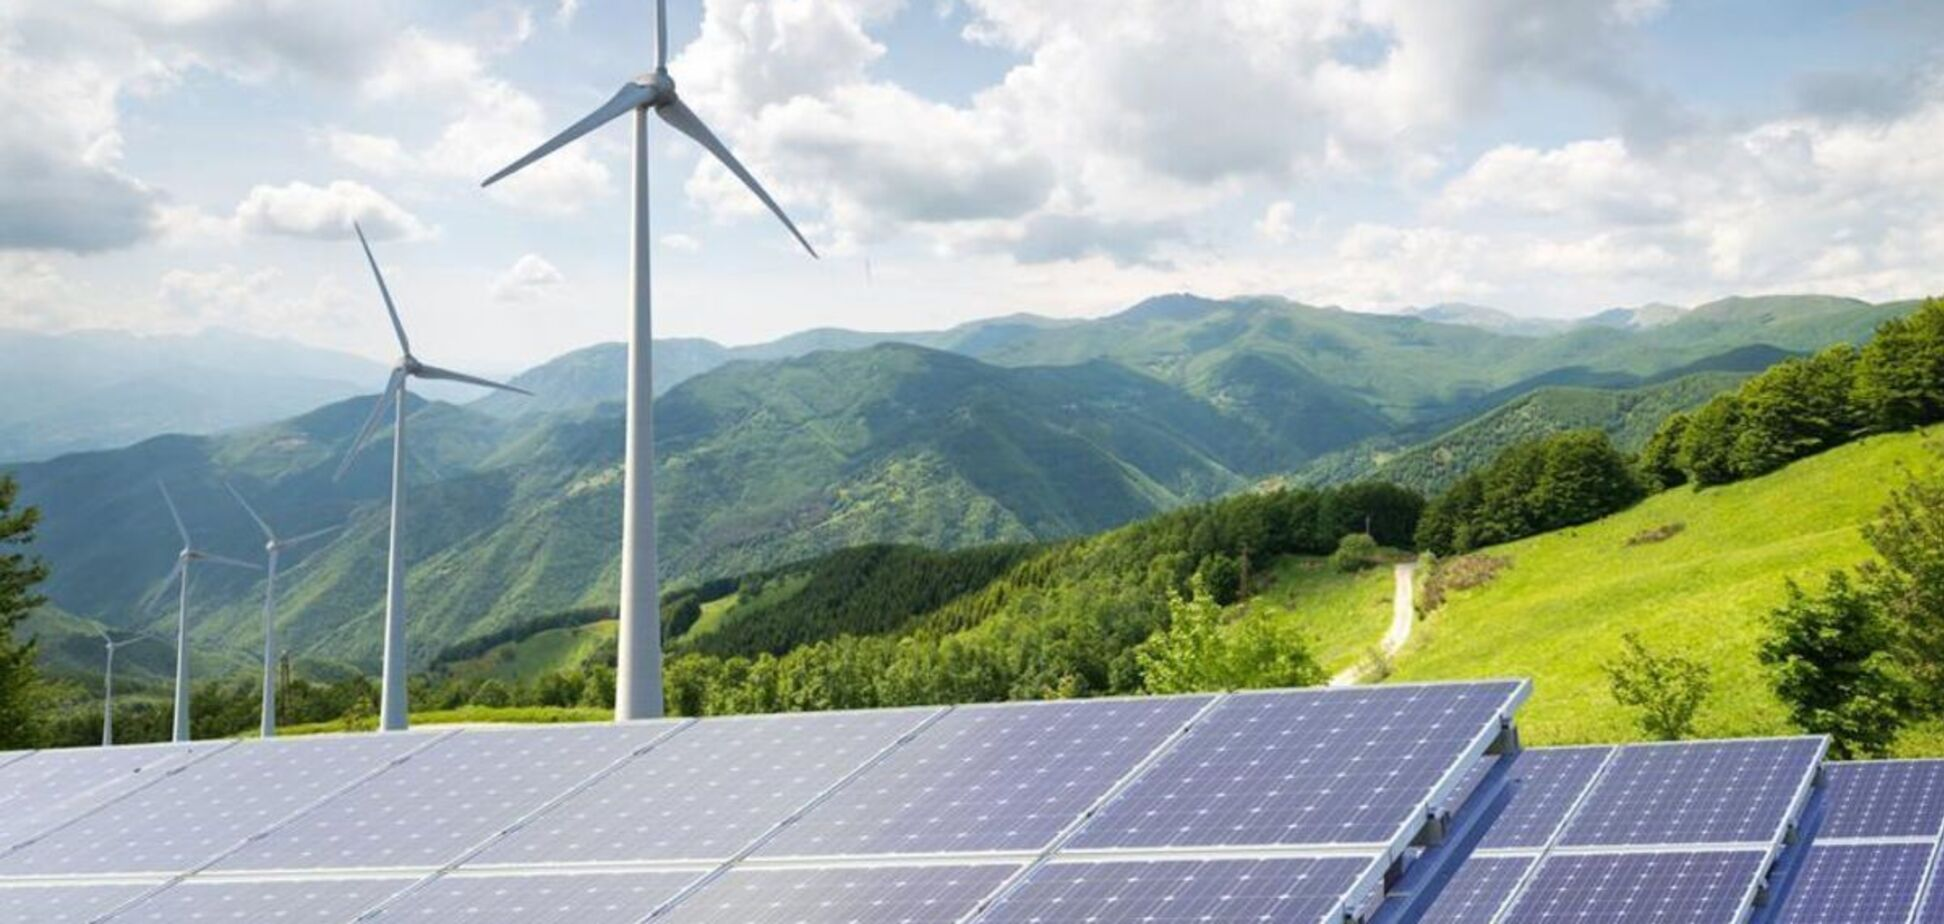 Введення додаткового акцизного податку на електроенергію з відновлюваних джерел енергії означатиме часткову незаконну експропріацію активів